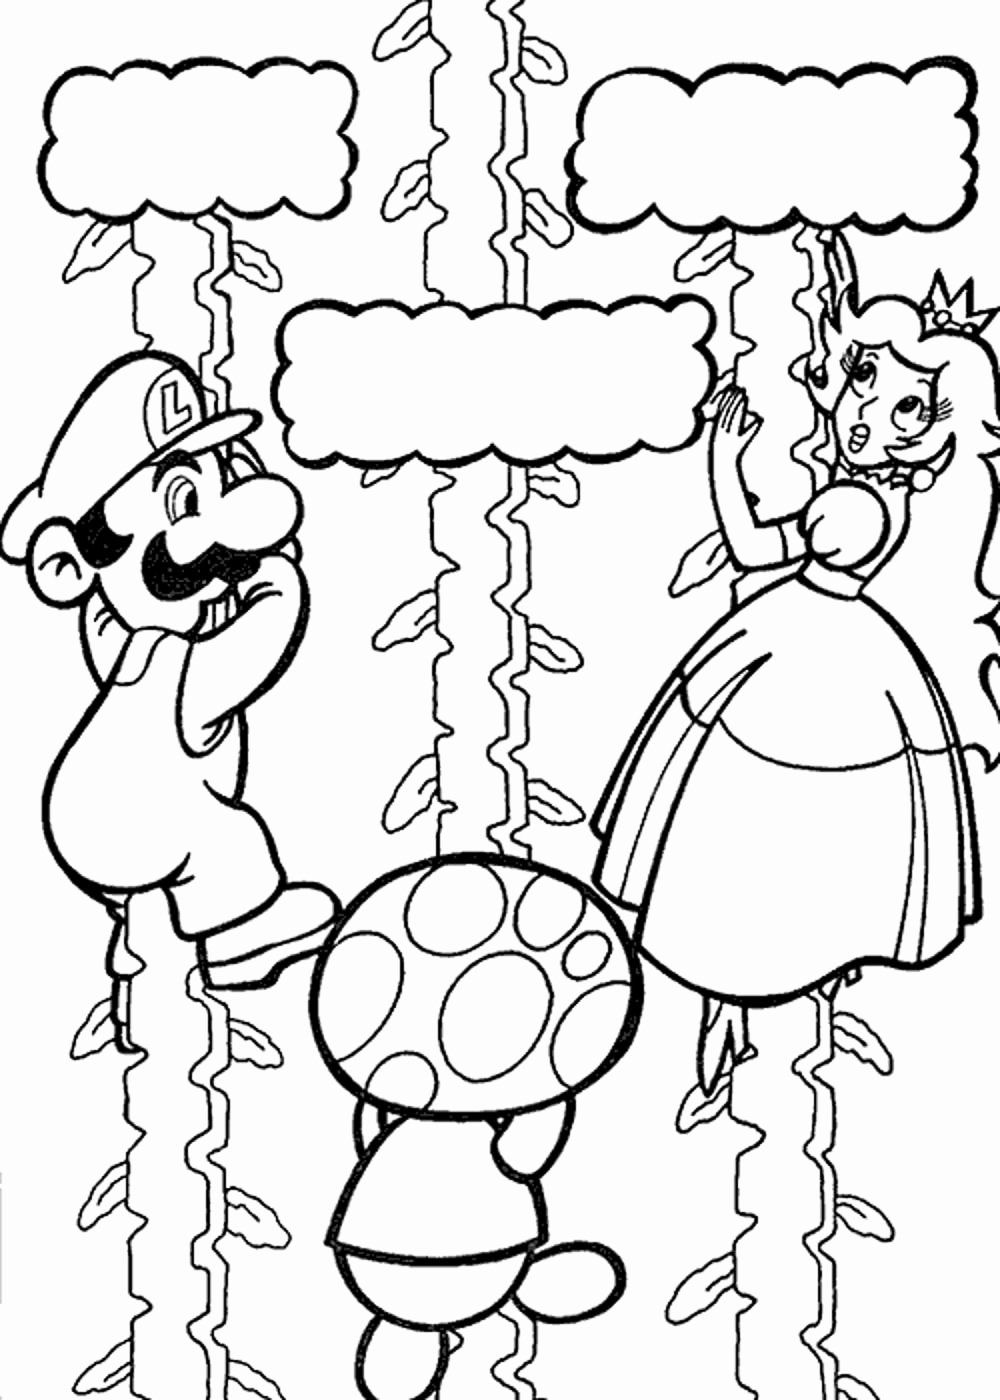 28 Super Mario Coloring Book In 2020 Mario Coloring Pages Super